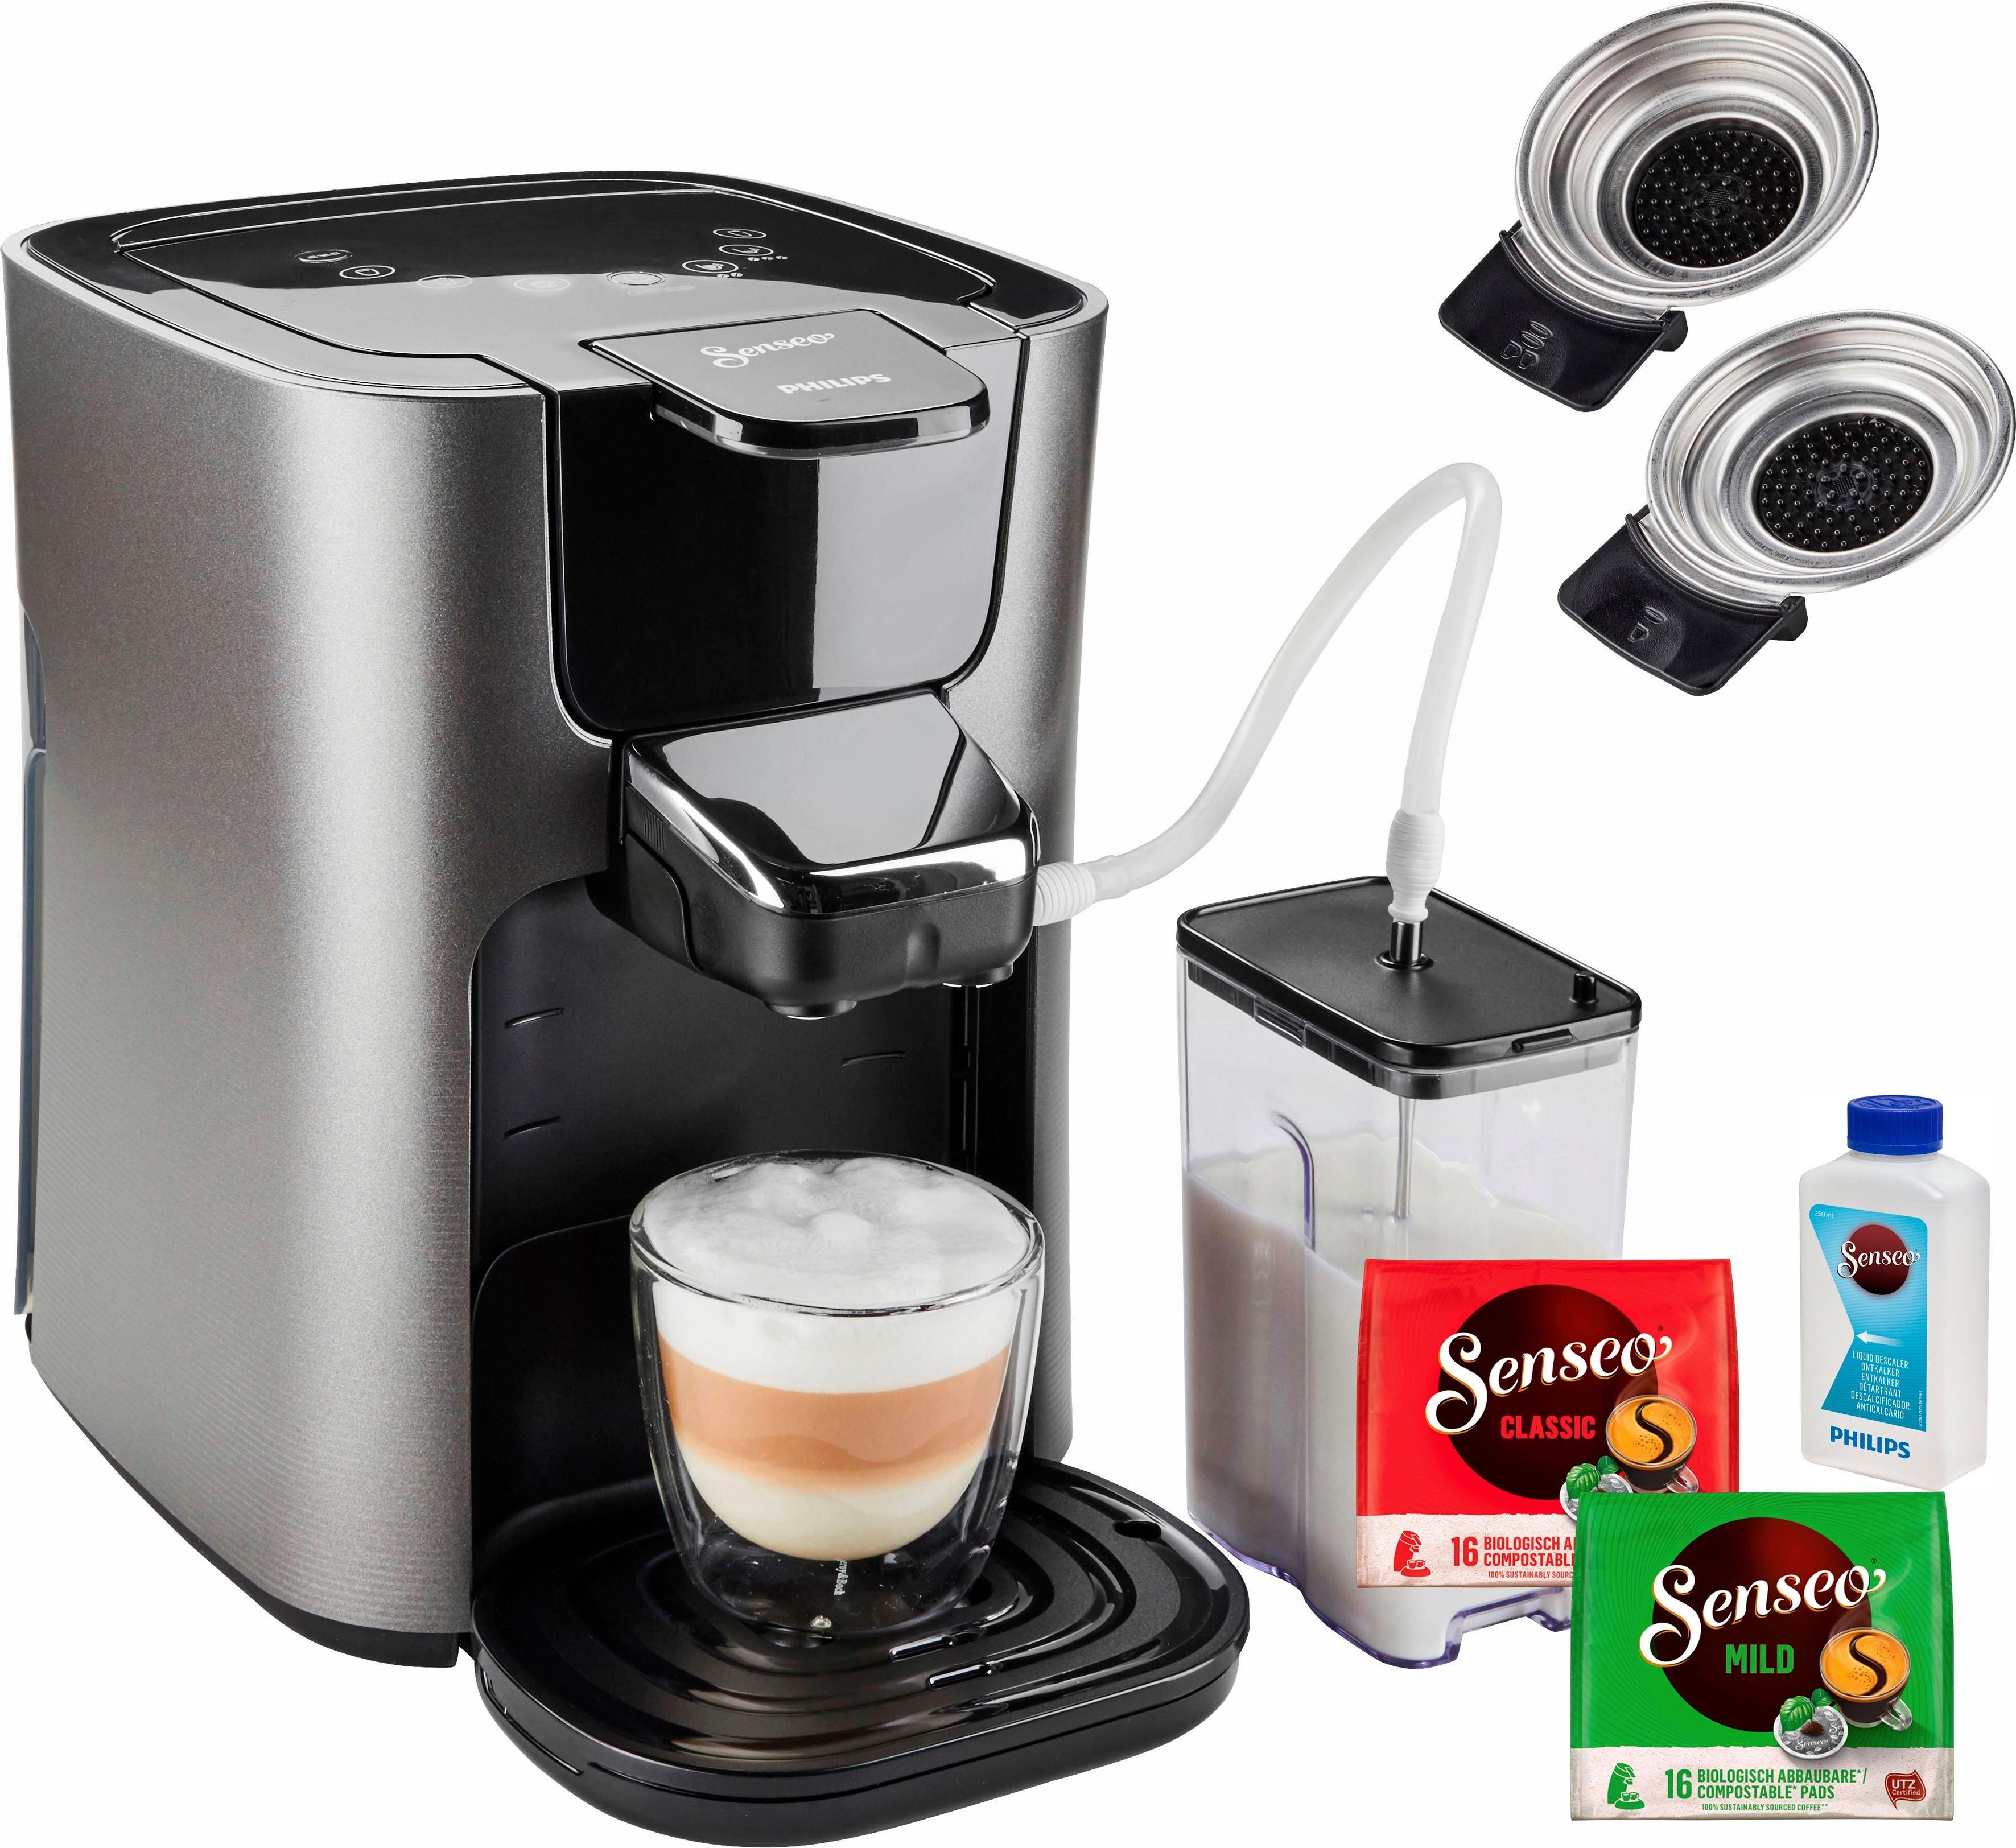 Senseo »HD6574/50 Latte Duo« koffiepadautomaat goedkoop op otto.nl kopen